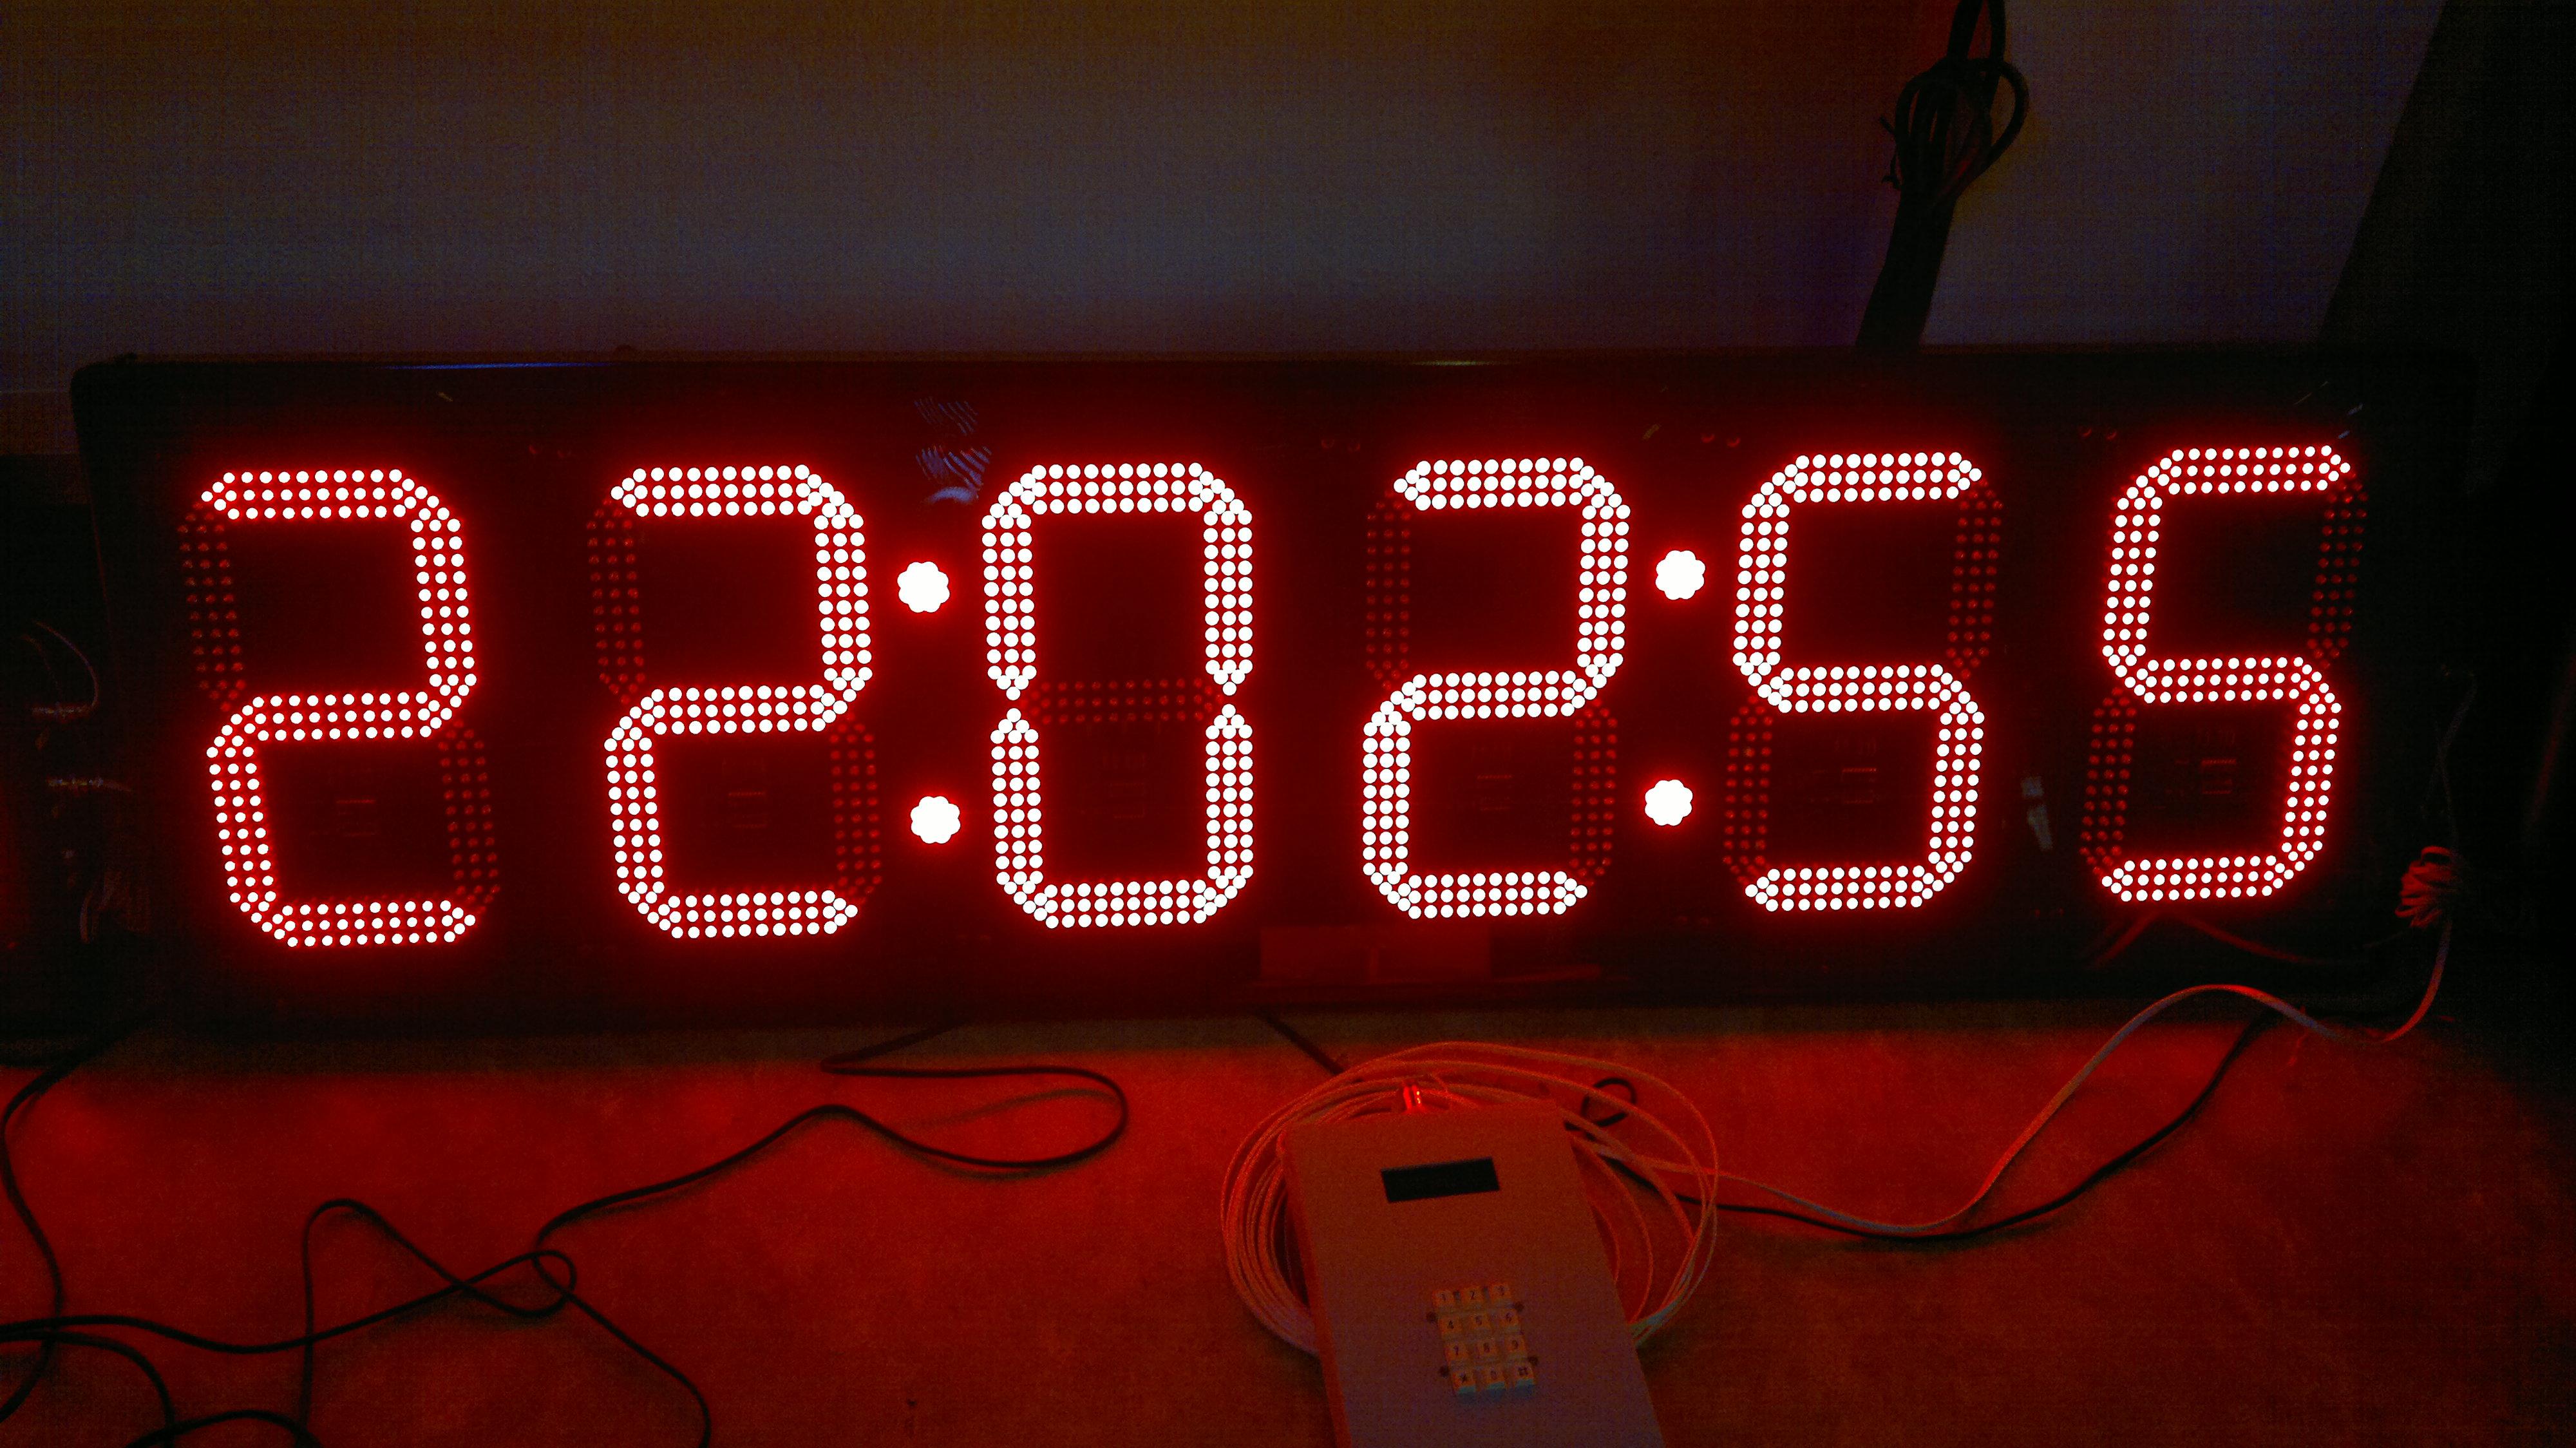 นาฬิกาดิจิตอลLED 12นิ้ว 6หลัก